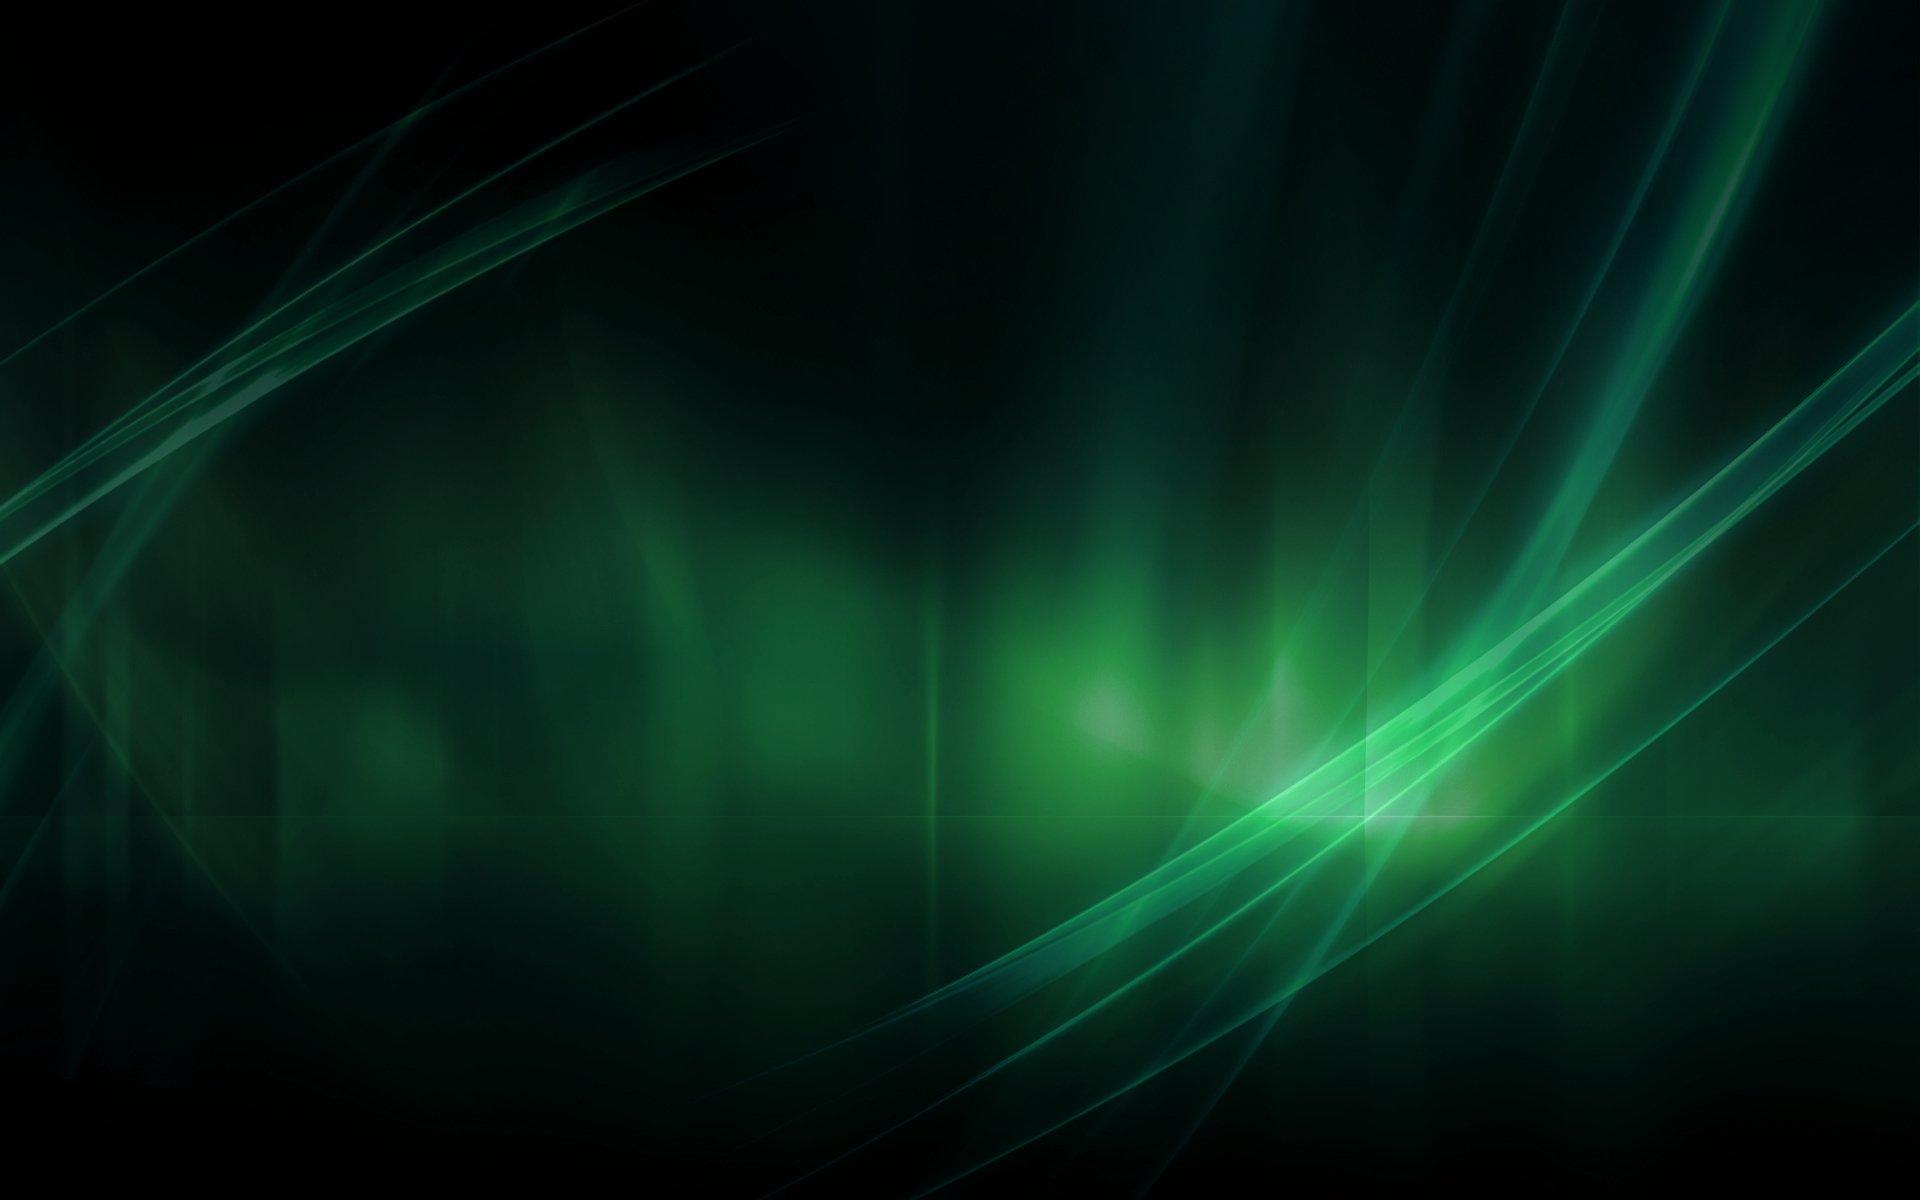 Verde full hd papel de parede and planos de fundo for Papel de pared paisajes